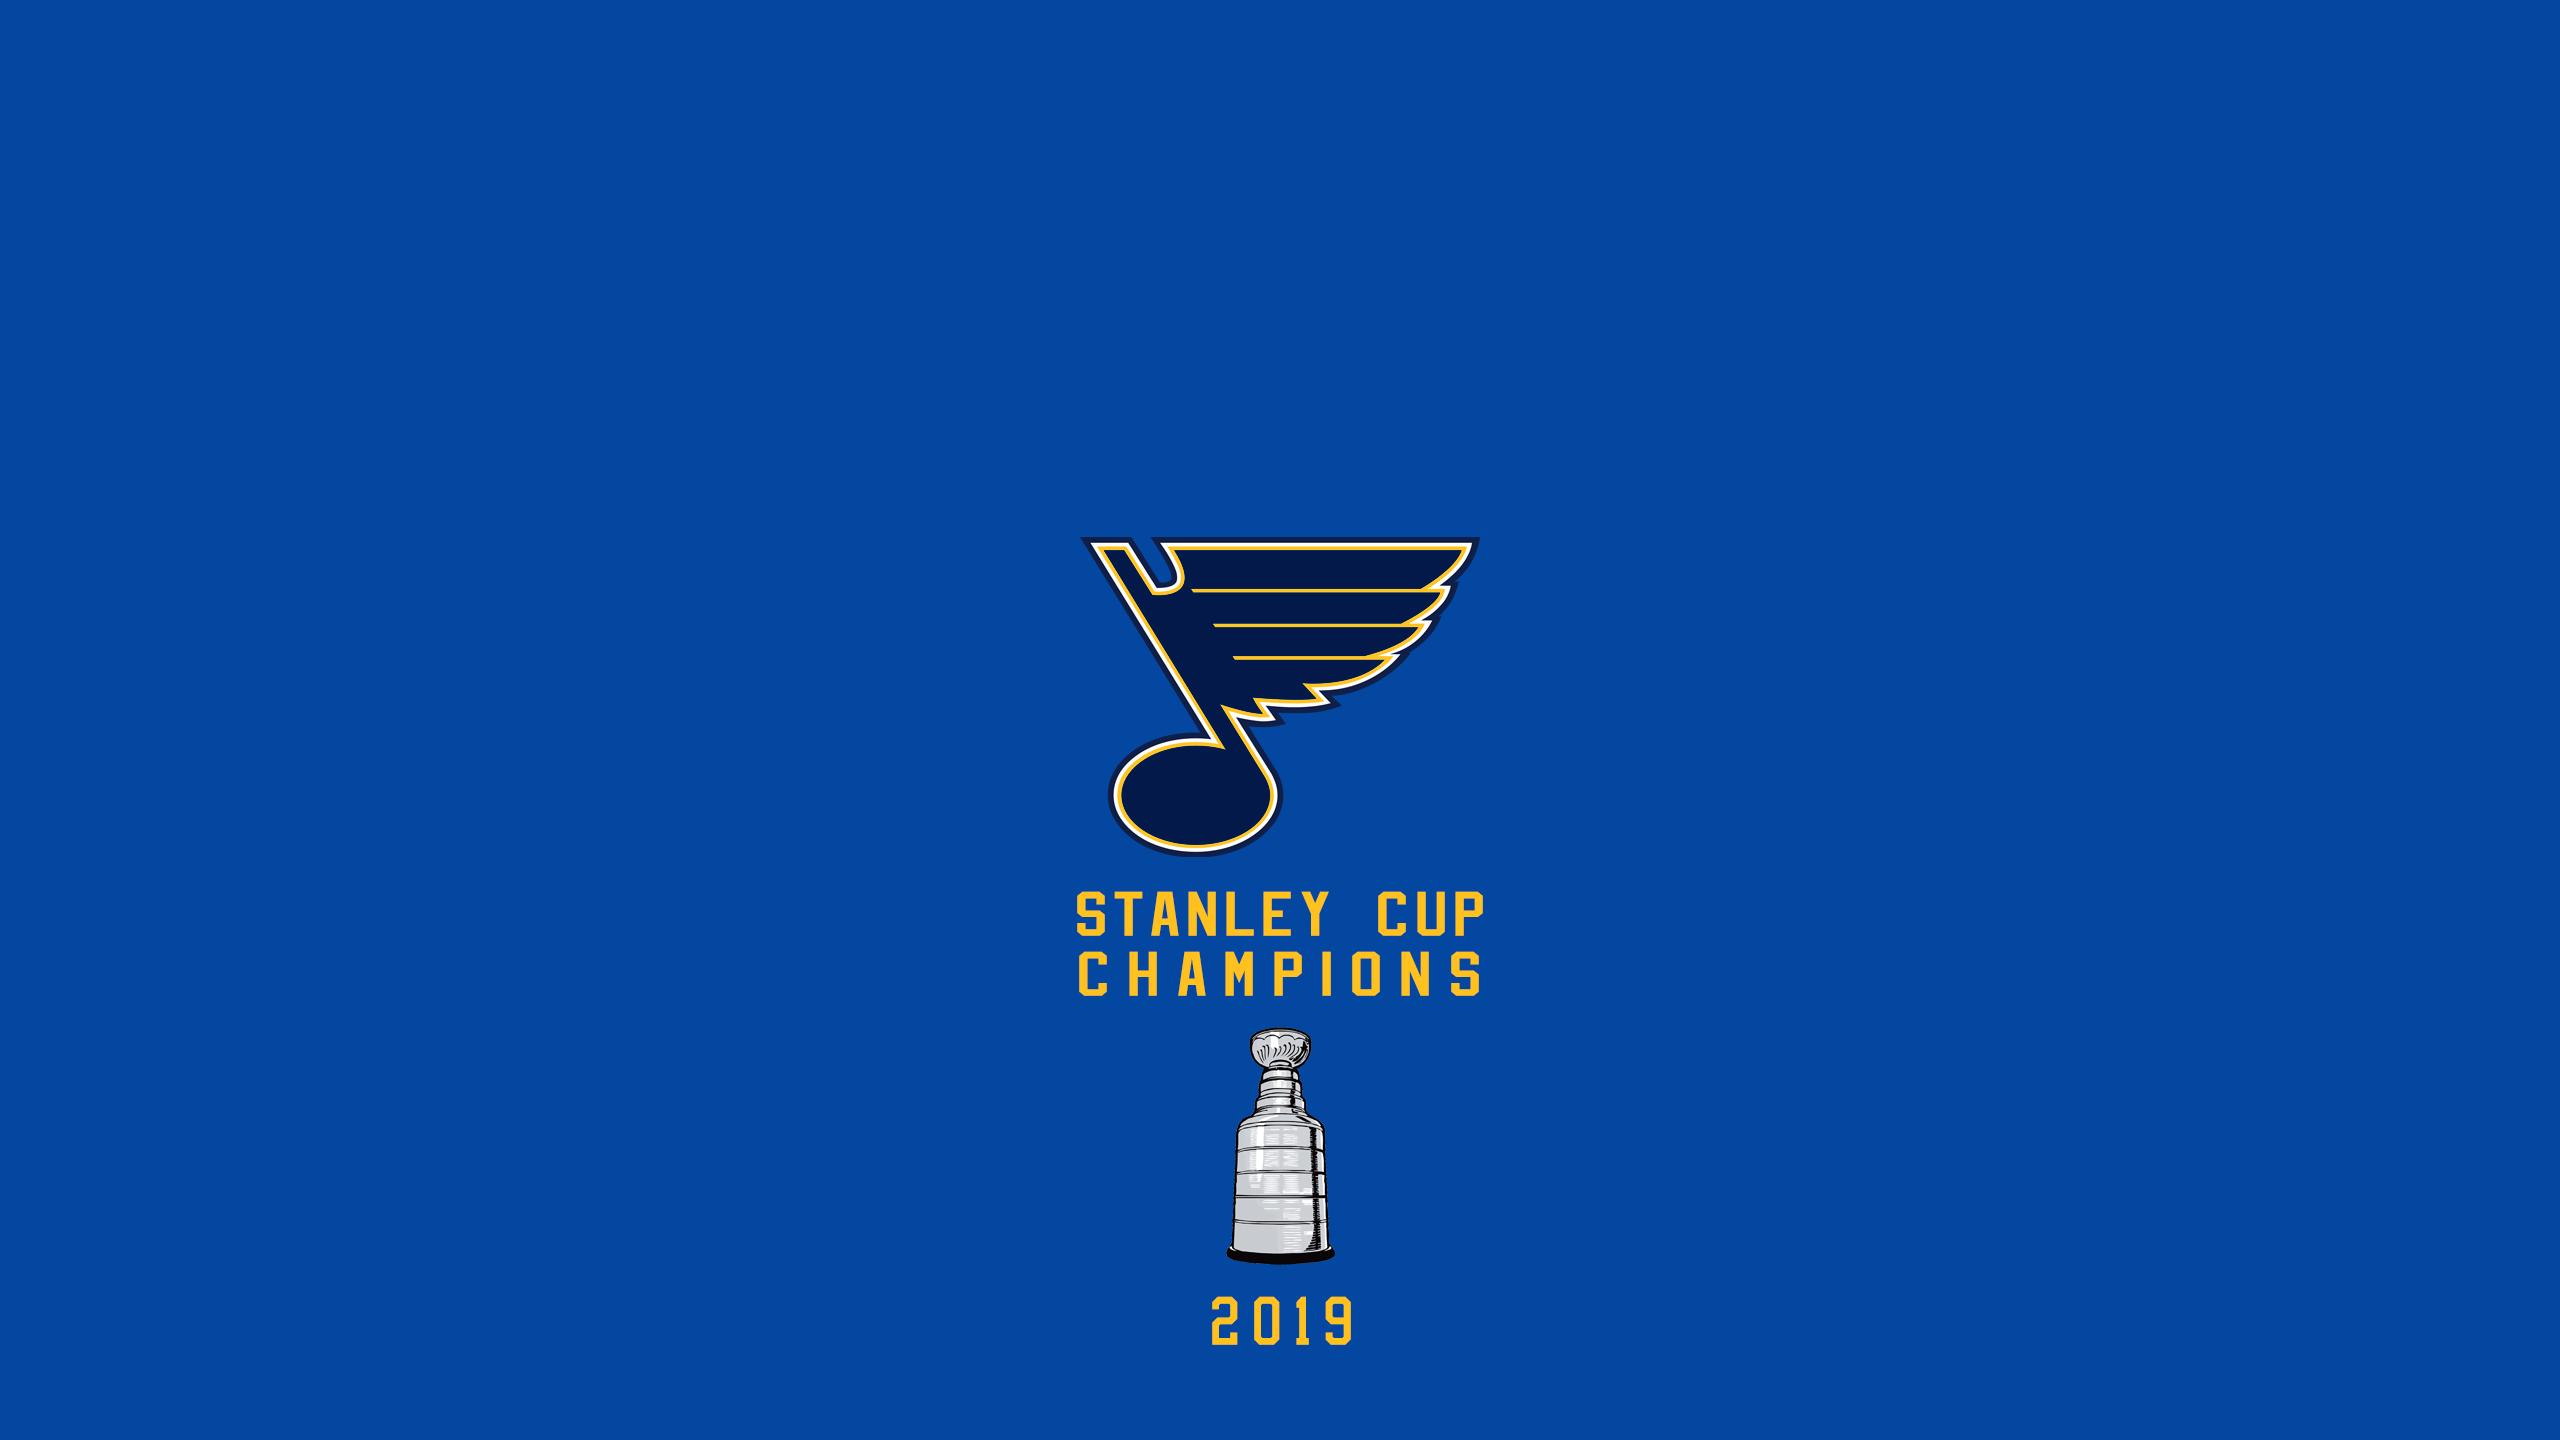 St. Louis Blues - Stanley Cup